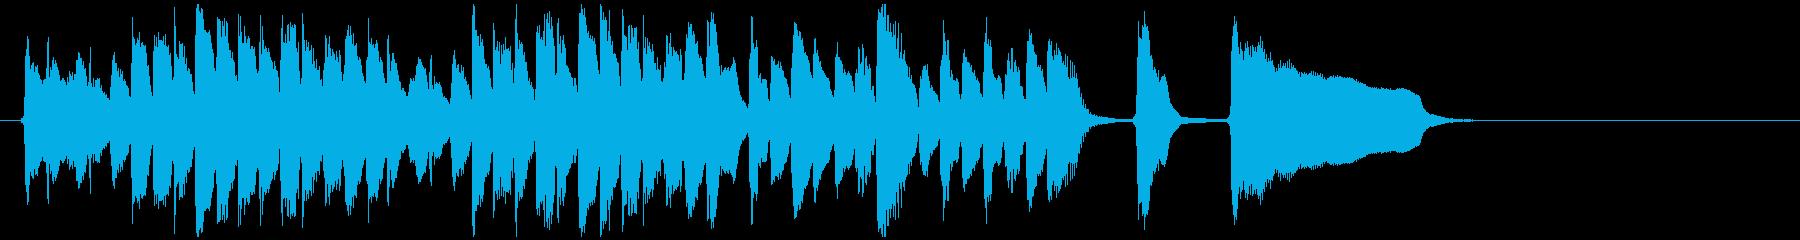 クラシックピアノ練習曲風のジングルの再生済みの波形